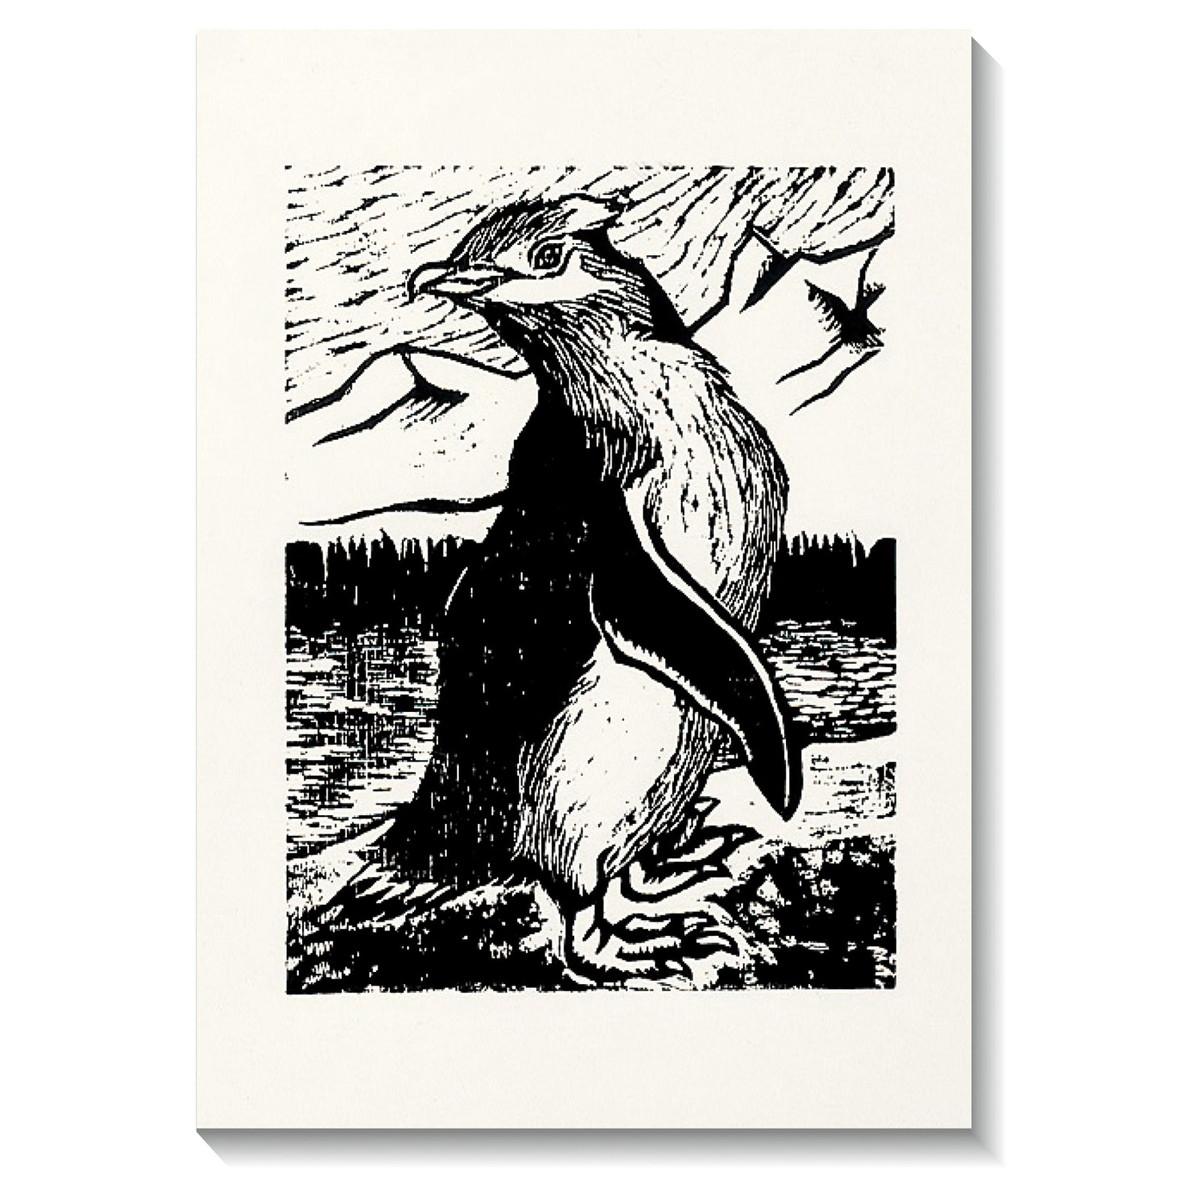 Artec(アーテック) 鳥の子紙 4切(100枚) #20805:オフィスランド